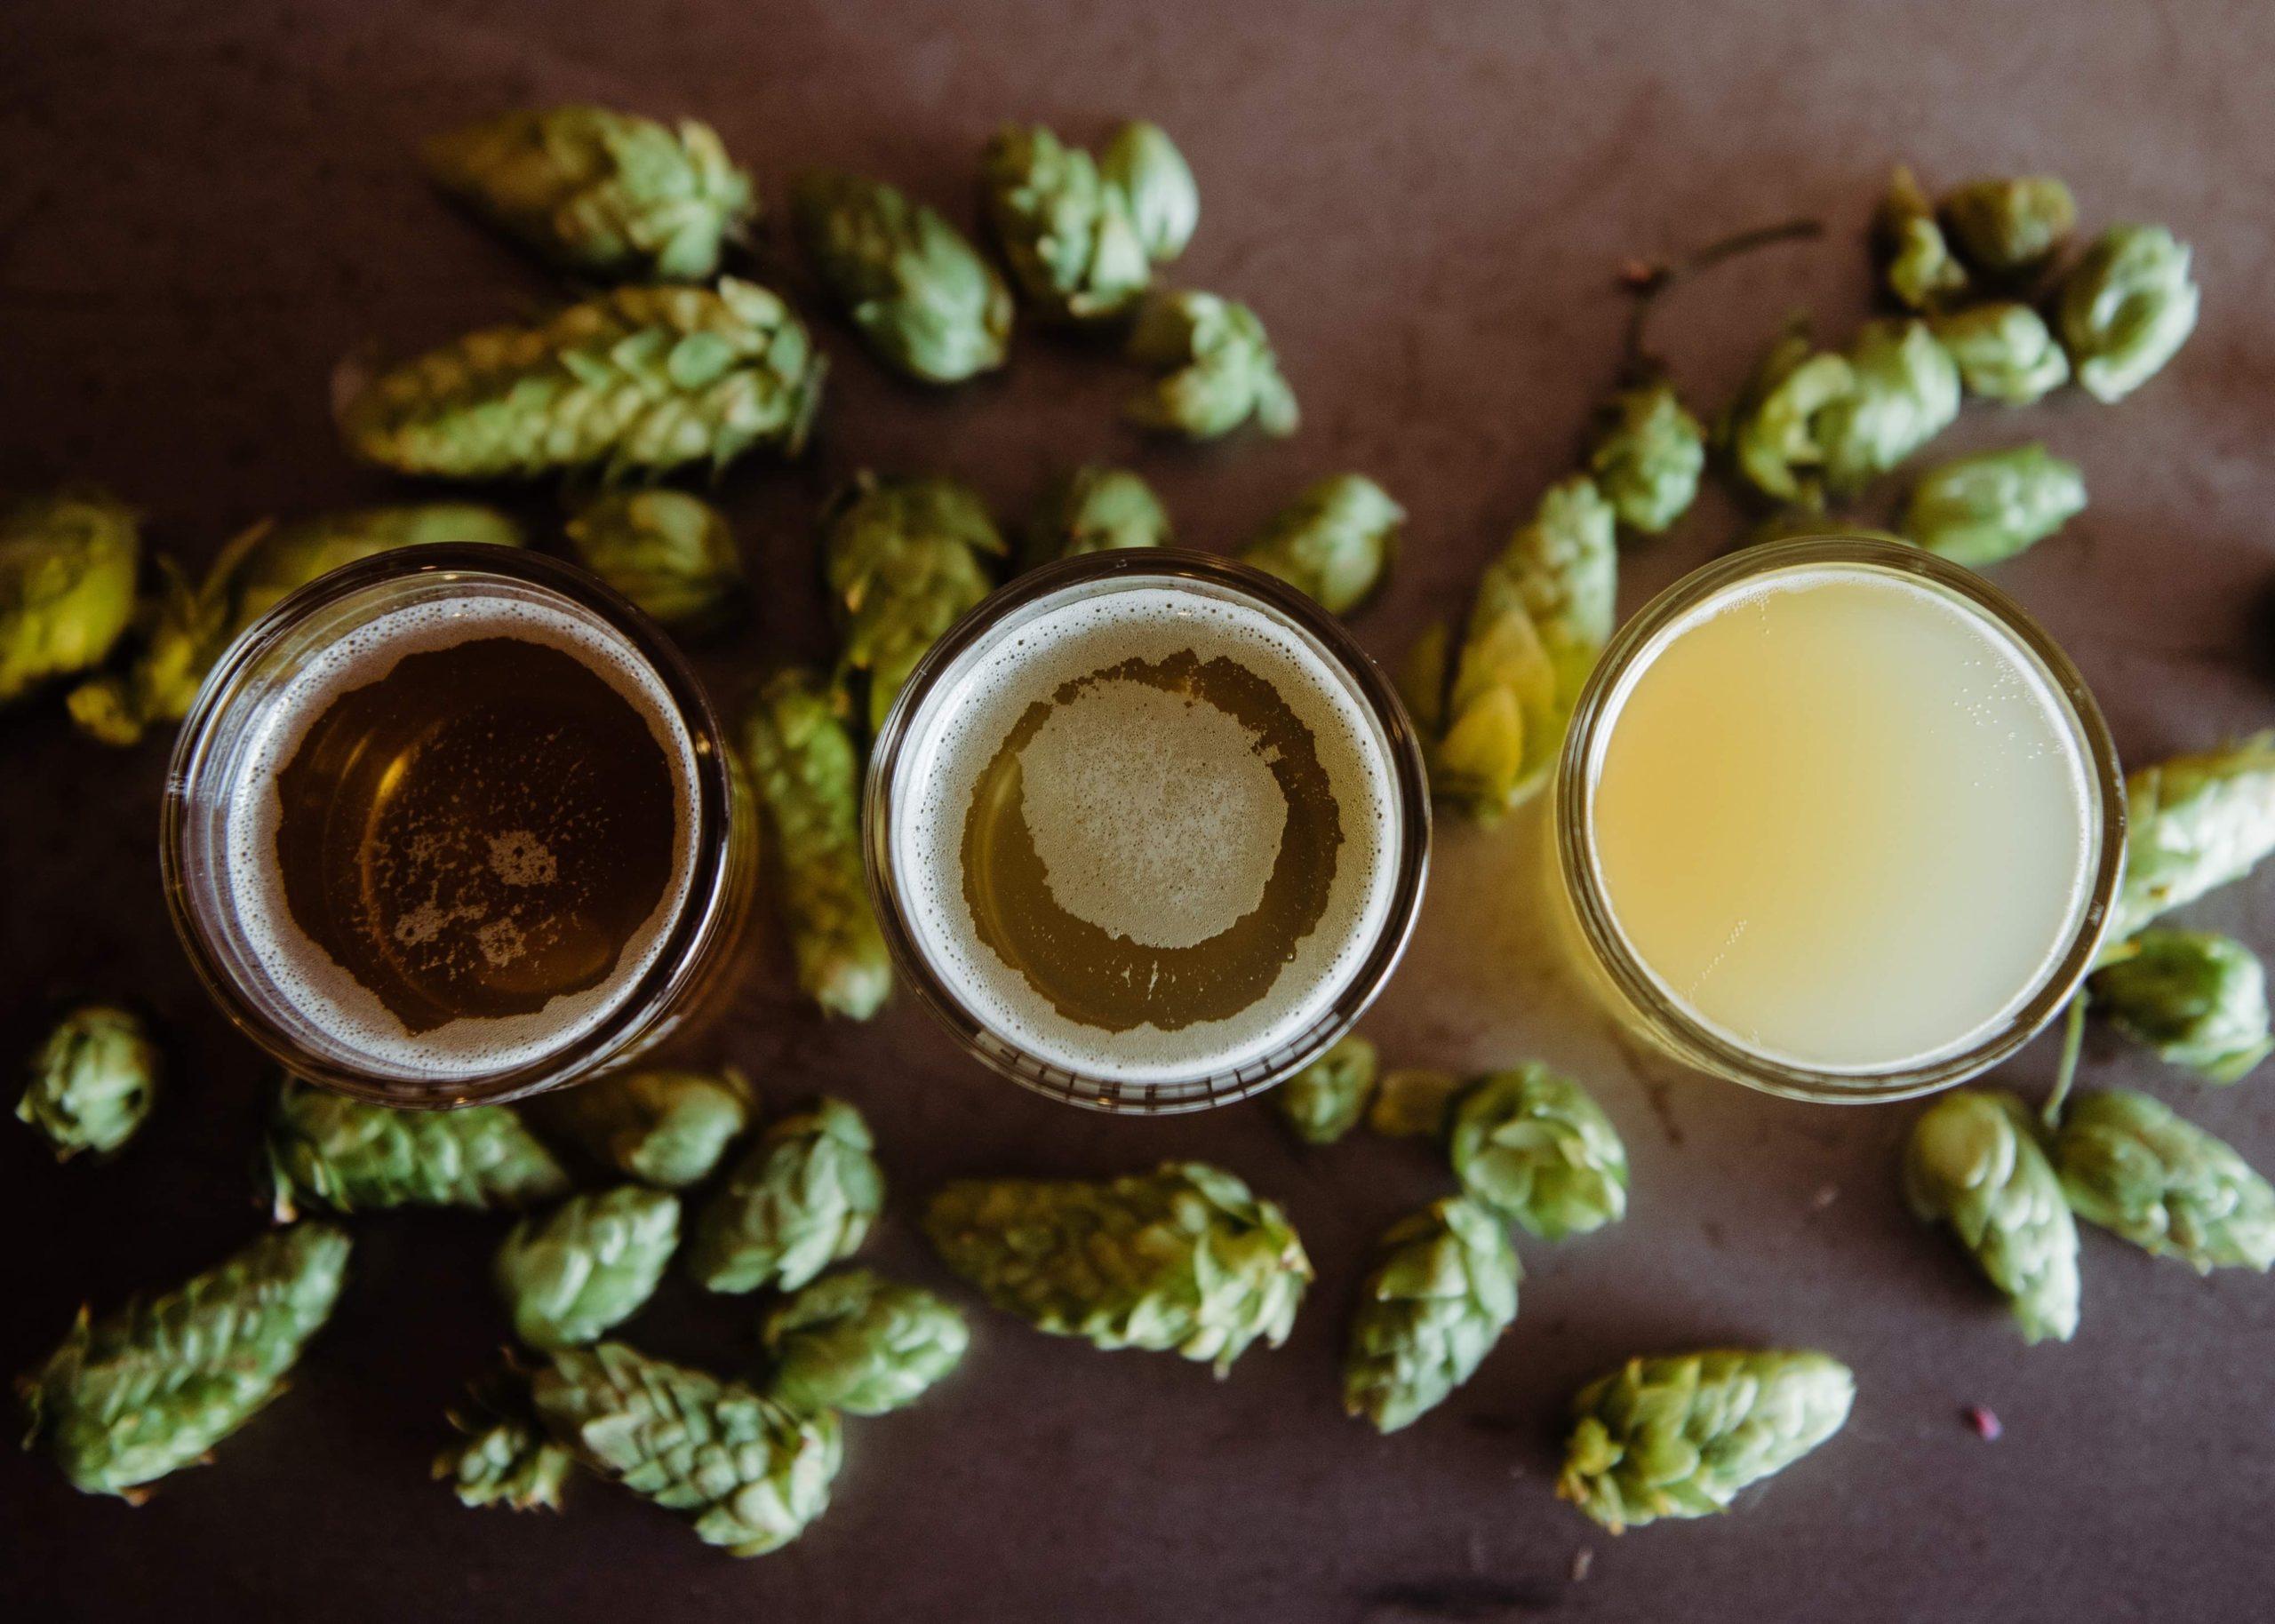 Verre de bière et houblon pour un brassage de bière lors d'un EVG